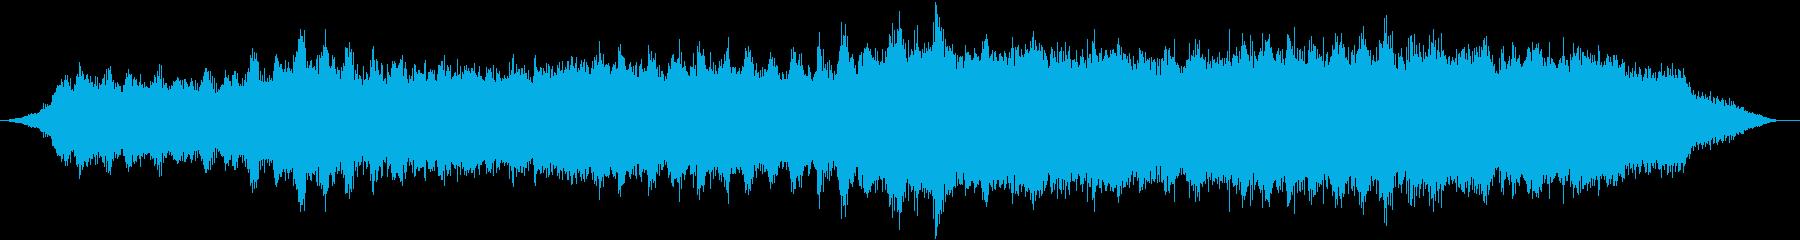 ストリングスによる不穏なアンビエントの再生済みの波形